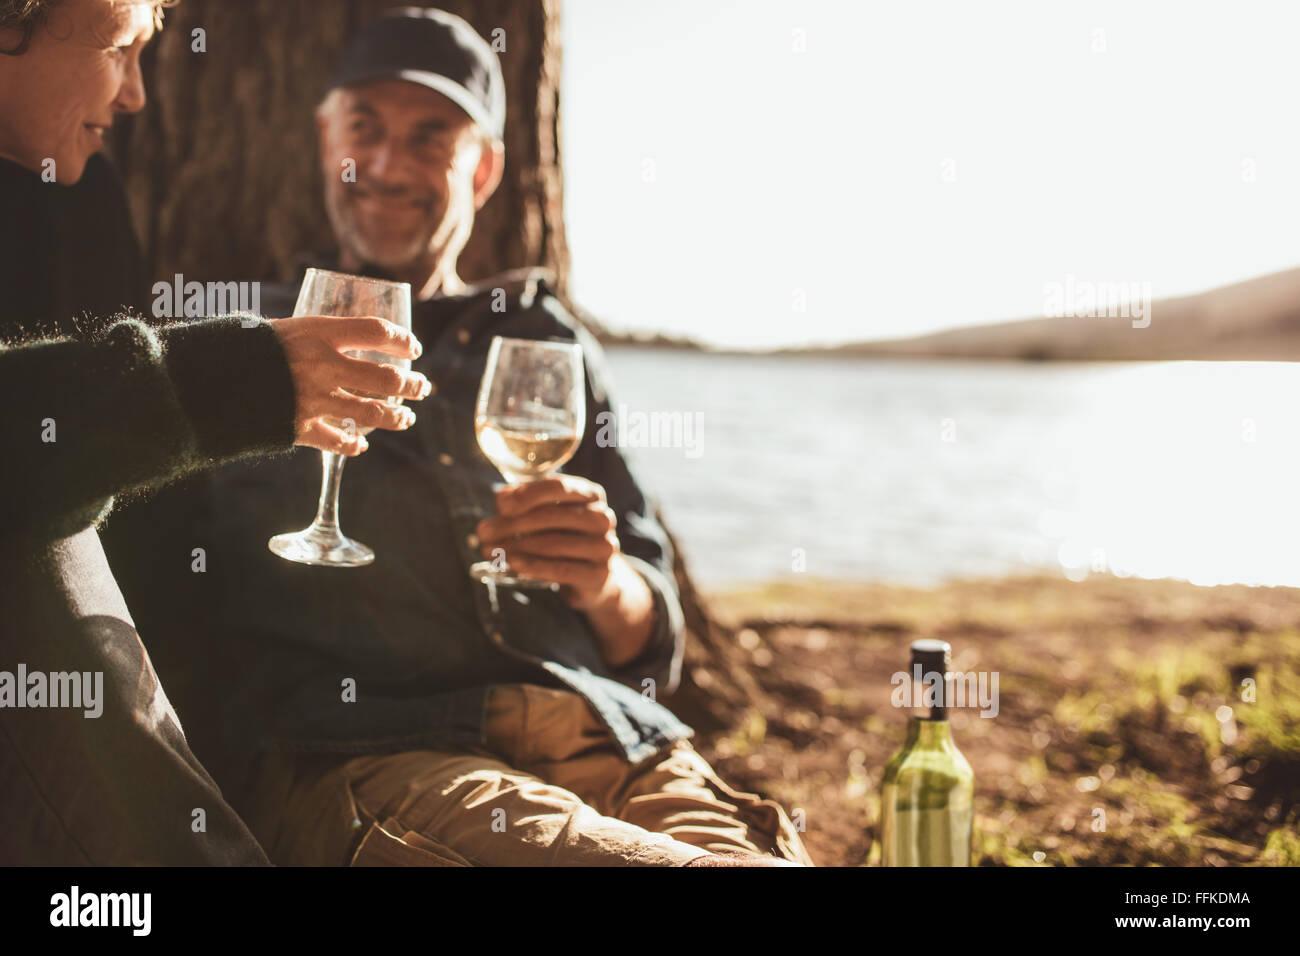 Close Up retrato de pareja senior bebiendo vino mientras camping cerca de un lago. Se centran en manos sosteniendo una copa de vino. Foto de stock